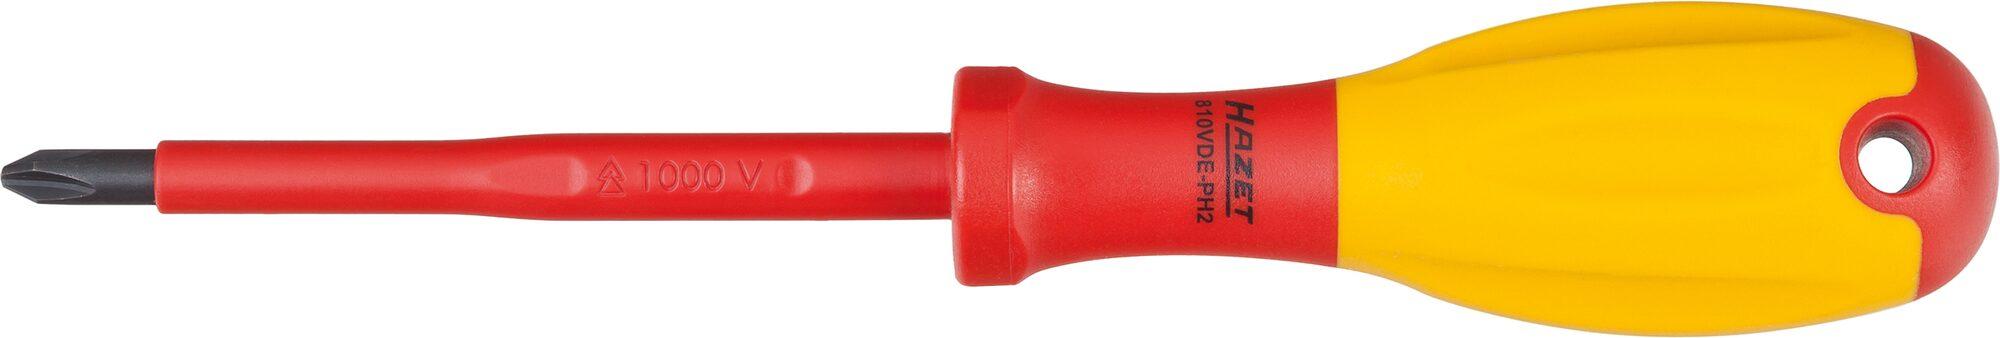 HAZET Elektriker-Schraubendreher ∙ schutzisoliert 810VDE-PH1 ∙ Kreuzschlitz Profil PH ∙ PH1